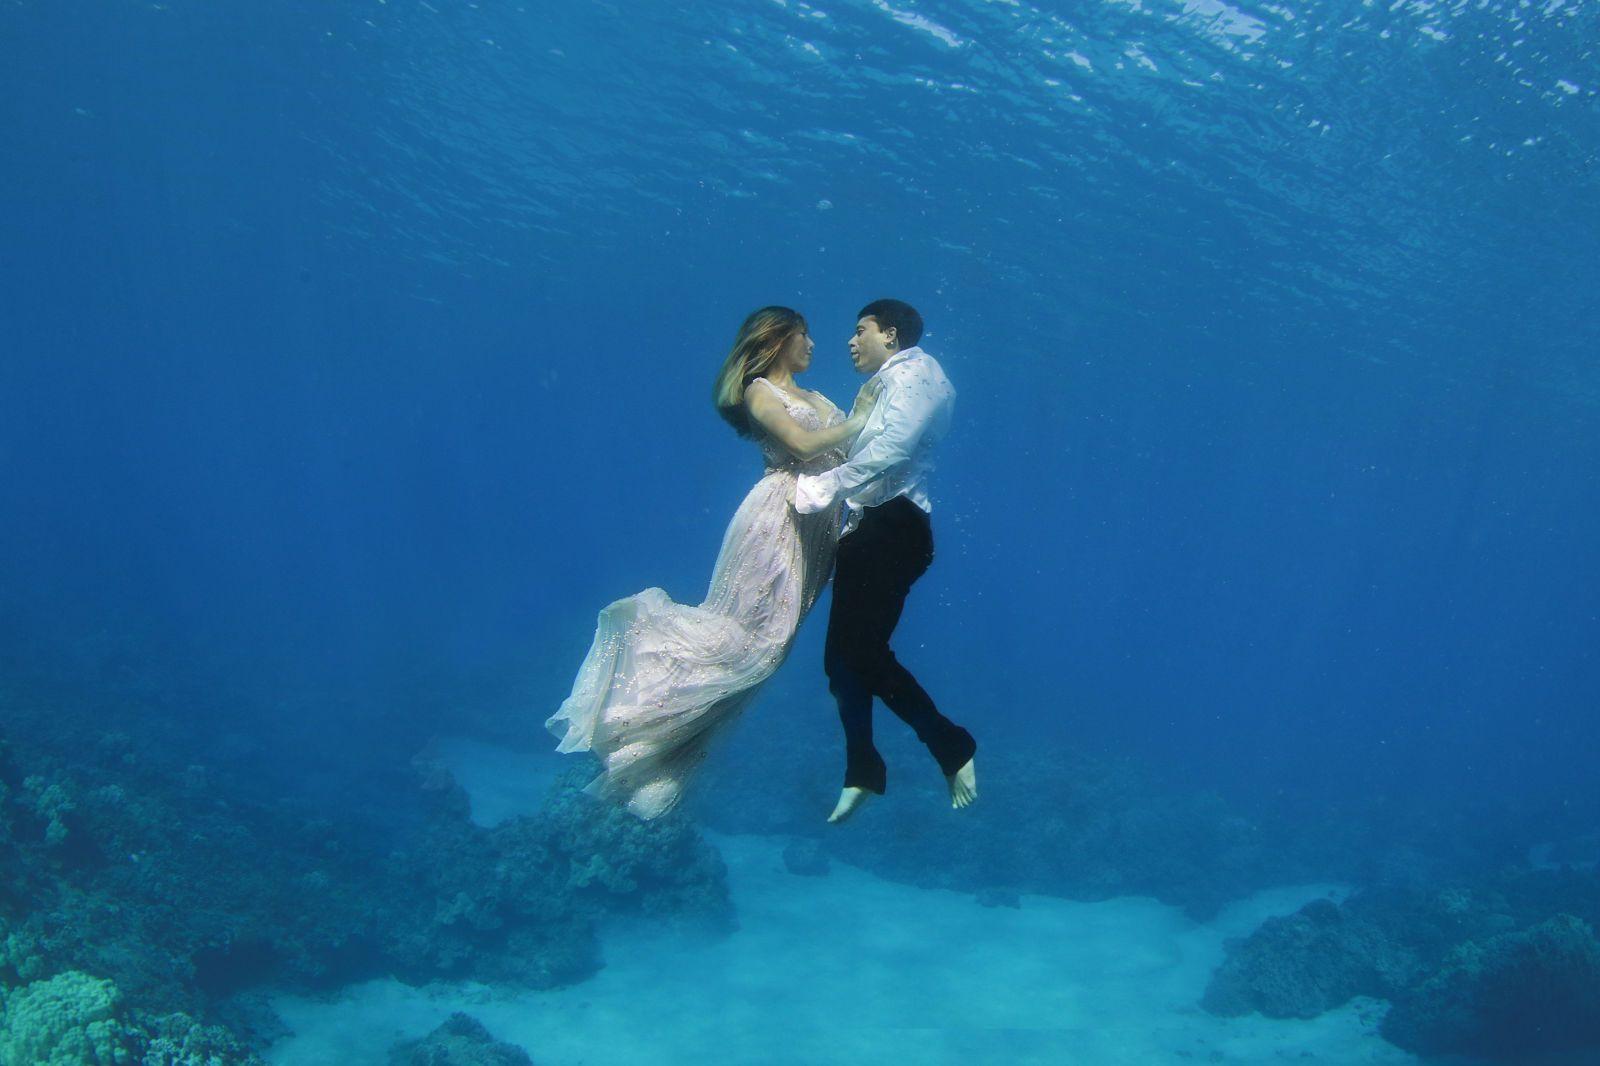 под водой пары картинки сегодня попытаемся